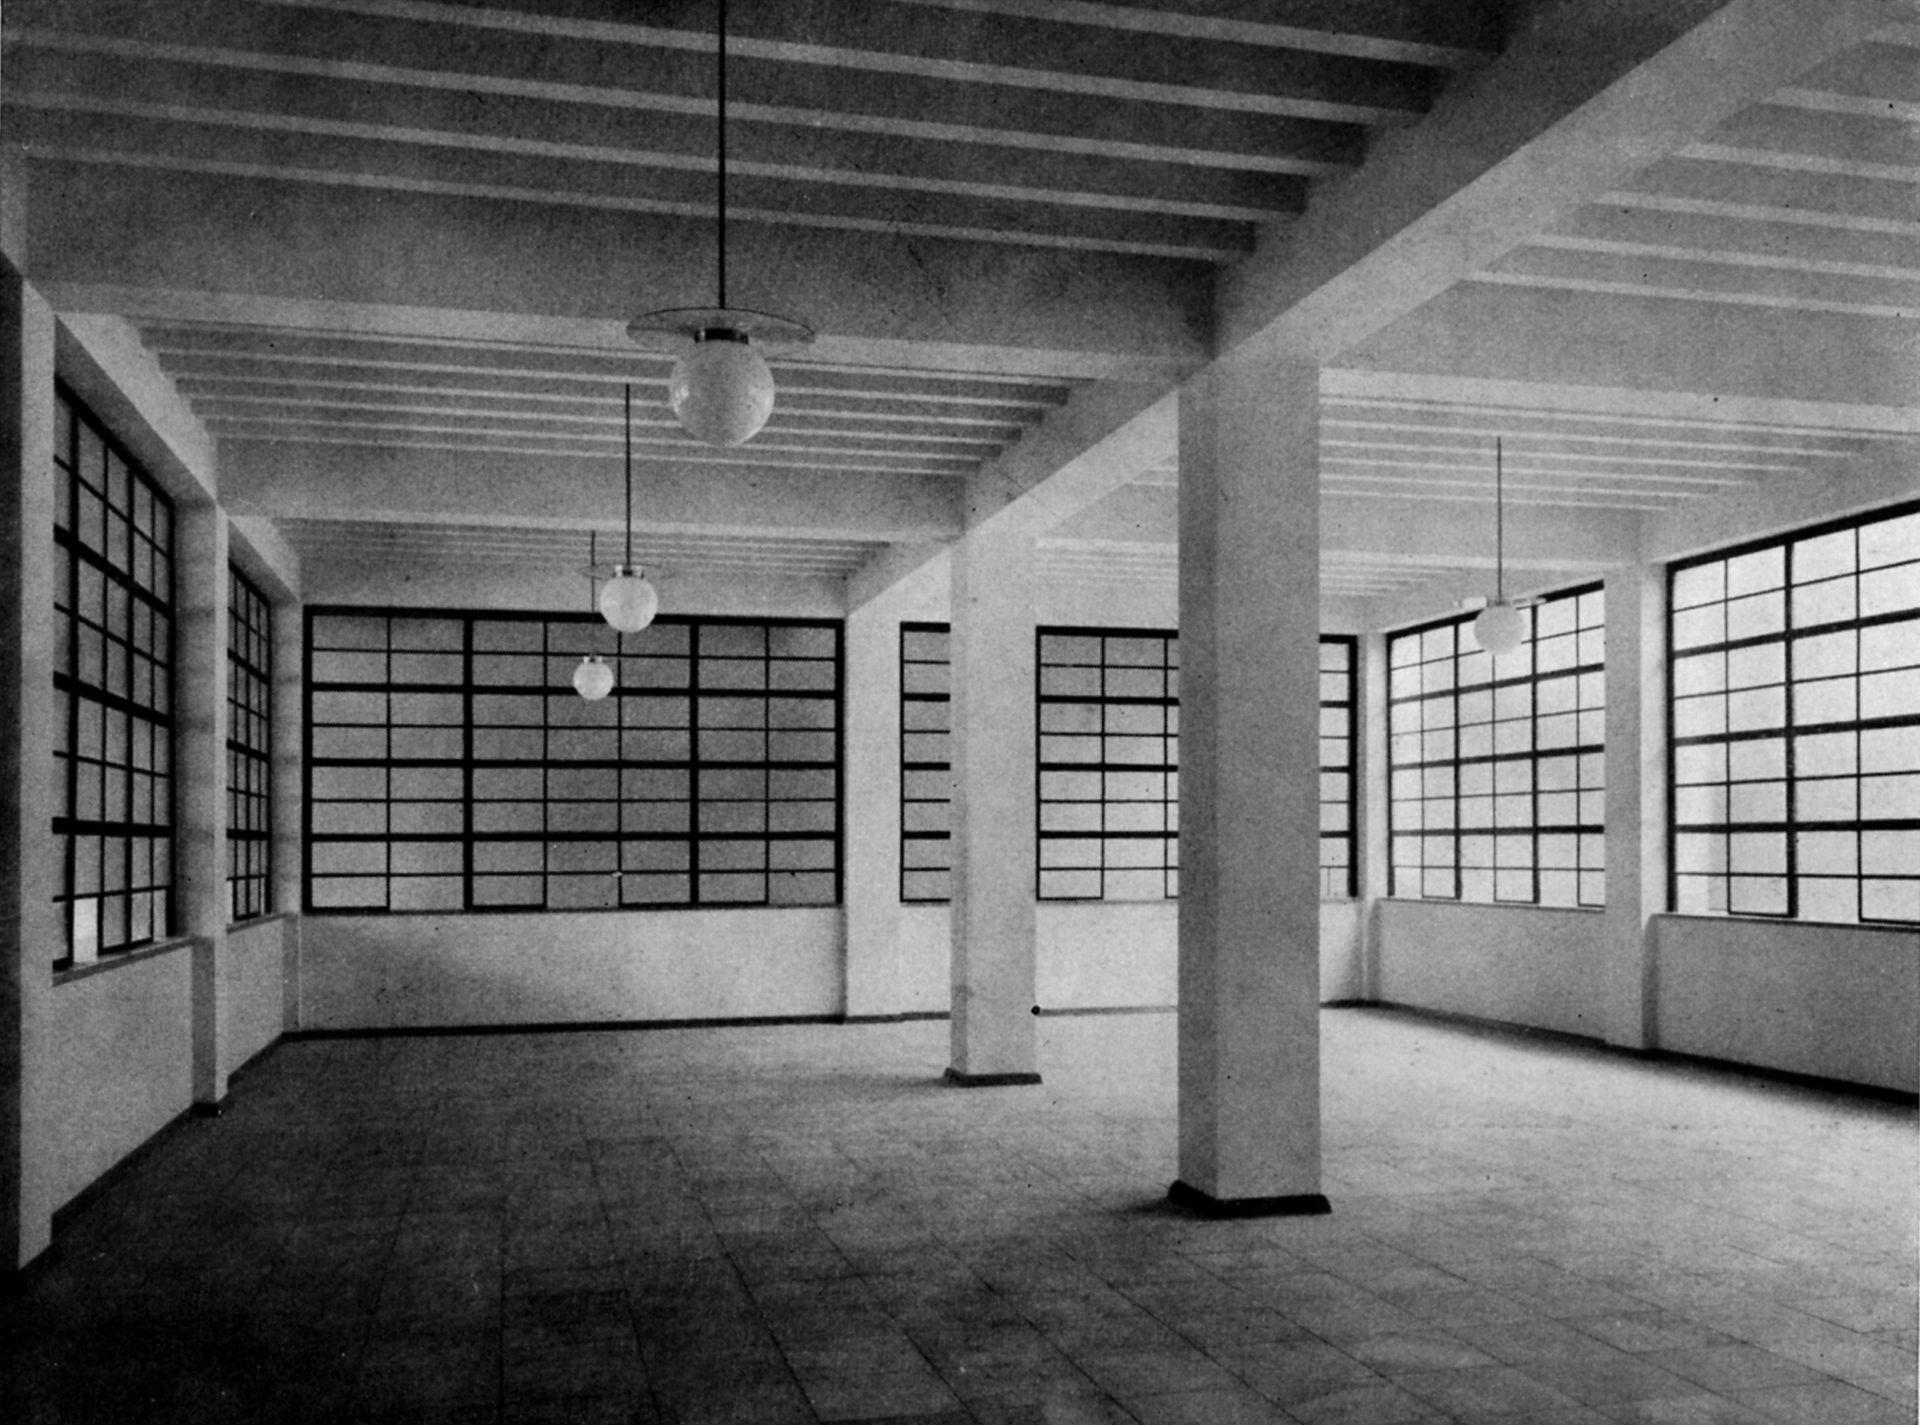 """Job Center Main hall with counters on the ground floor / photo from: """"Otto Ernst Schweizer"""", F. E. Hübsch Verlag"""